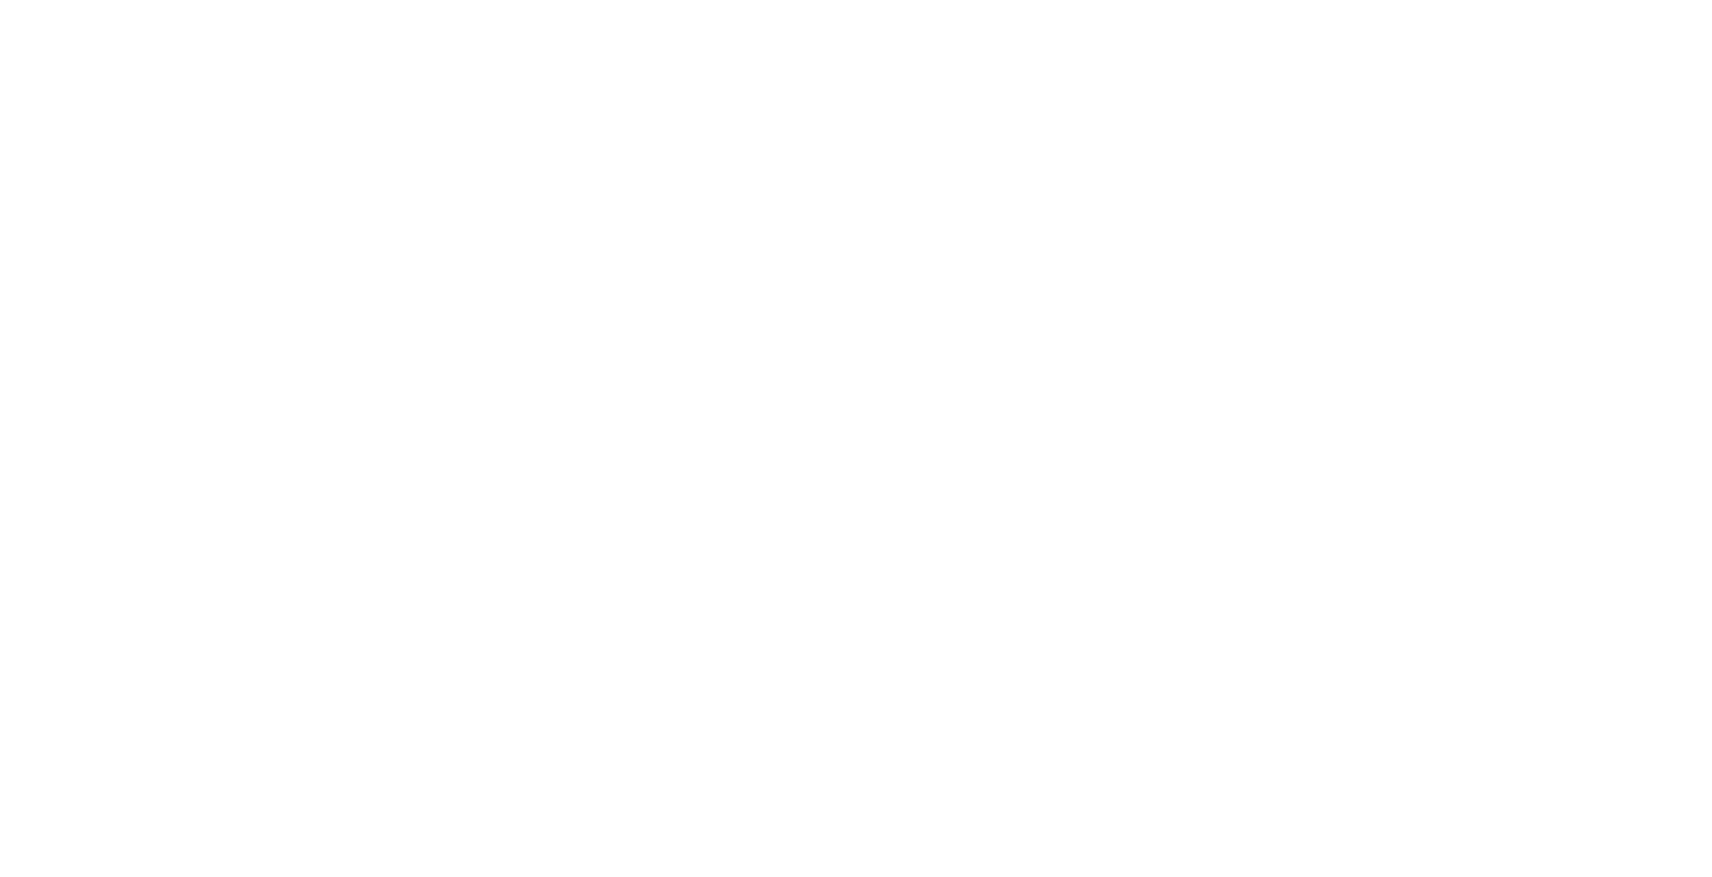 logo_white_rheawessel